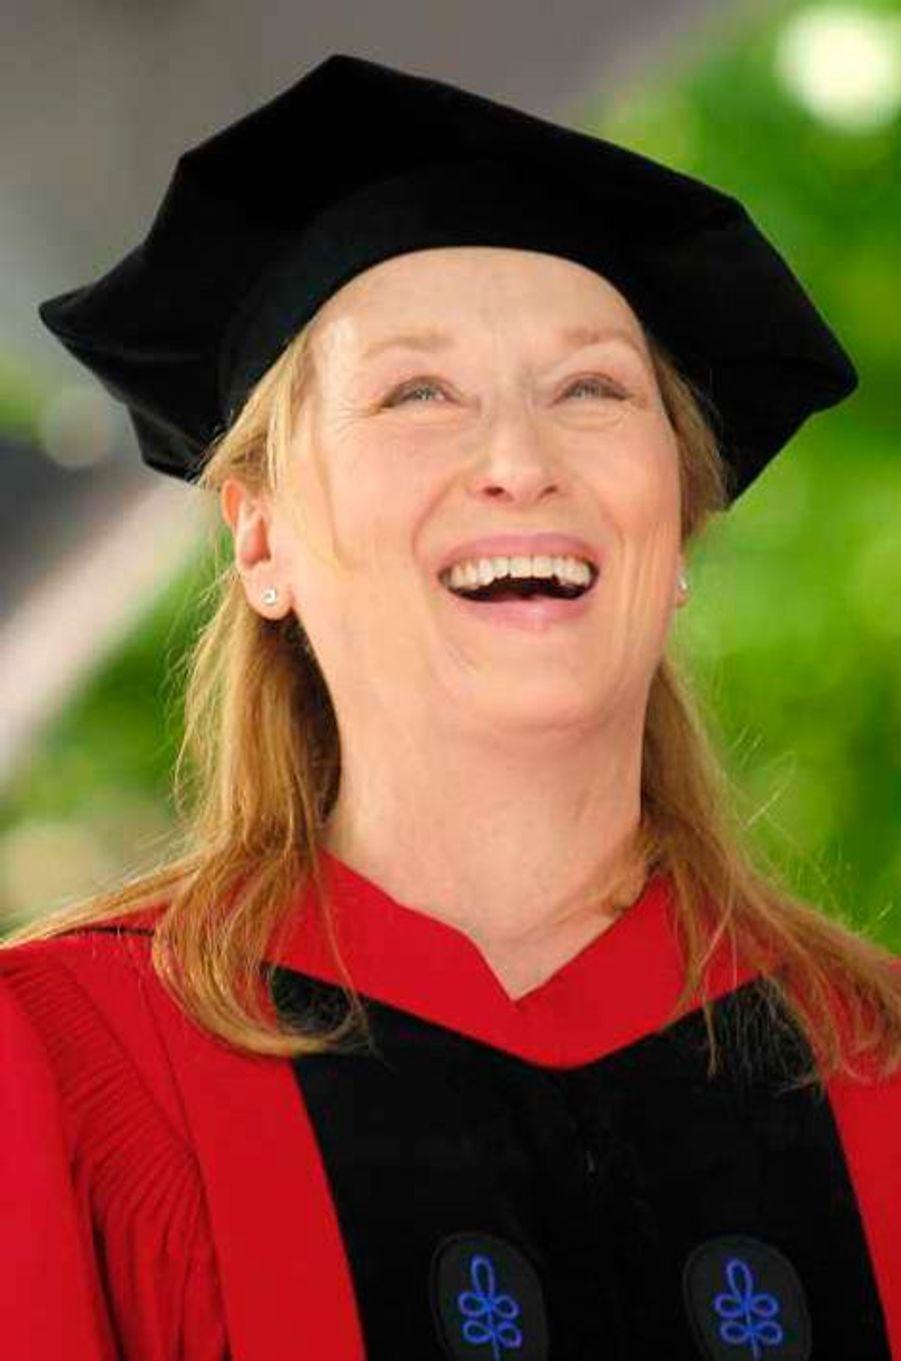 Meryl Streep lorsqu'elle a reçu un master en arts honorifique à l'université de Harvard le 27 mai 2010. L'actrice a également reçu un diplôme d'honneur de l'université de Princeton deux ans plus tard. Dans la vraie vie, elle est diplômée de Yale (1975). Rien que ça.